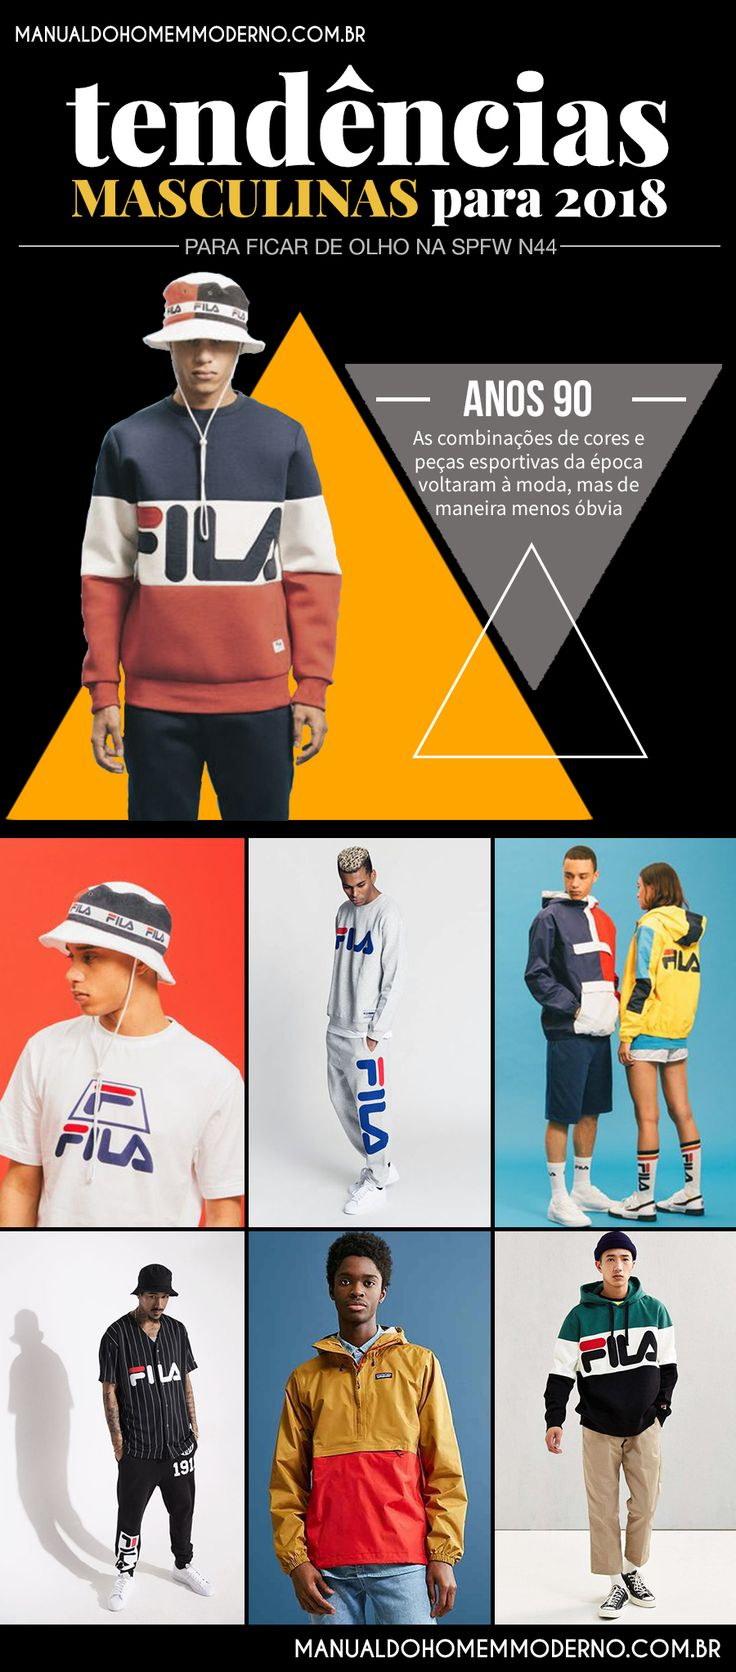 O resgate de peças de roupas e combinações de cores dos anos 90 prometem ser umas das principais tendências masculinas em 2018.